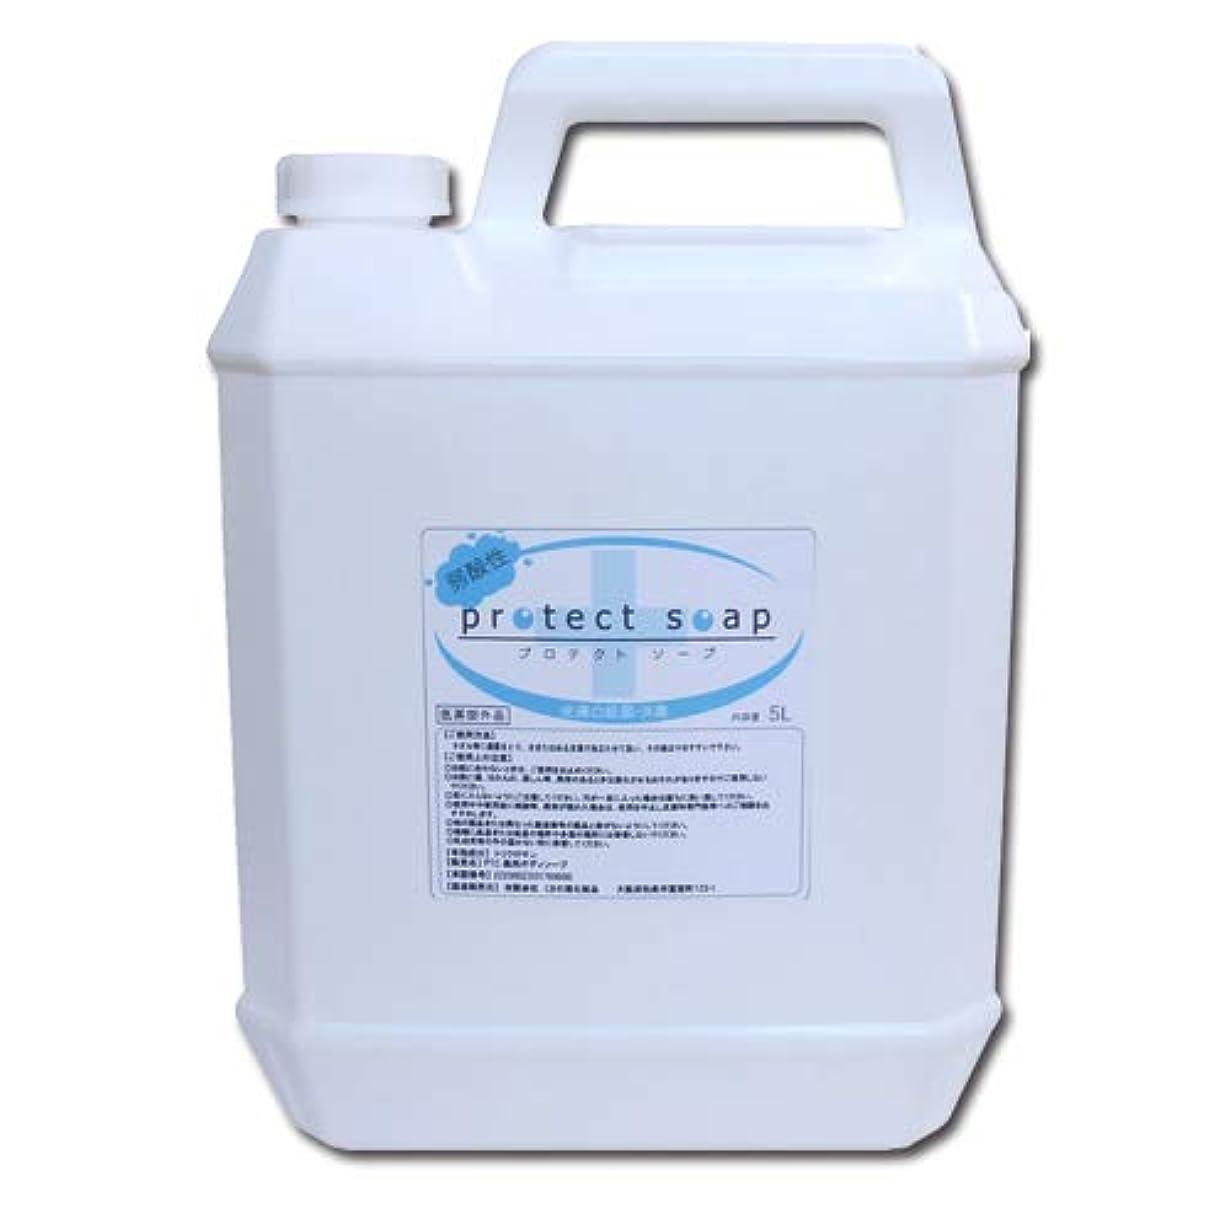 バズ心のこもった駐地低刺激弱酸性 液体石鹸 プロテクトソープ 5L 業務用│せっけん液 液体せっけん 殺菌?消毒 インフルエンザ?ノロウィルス対策